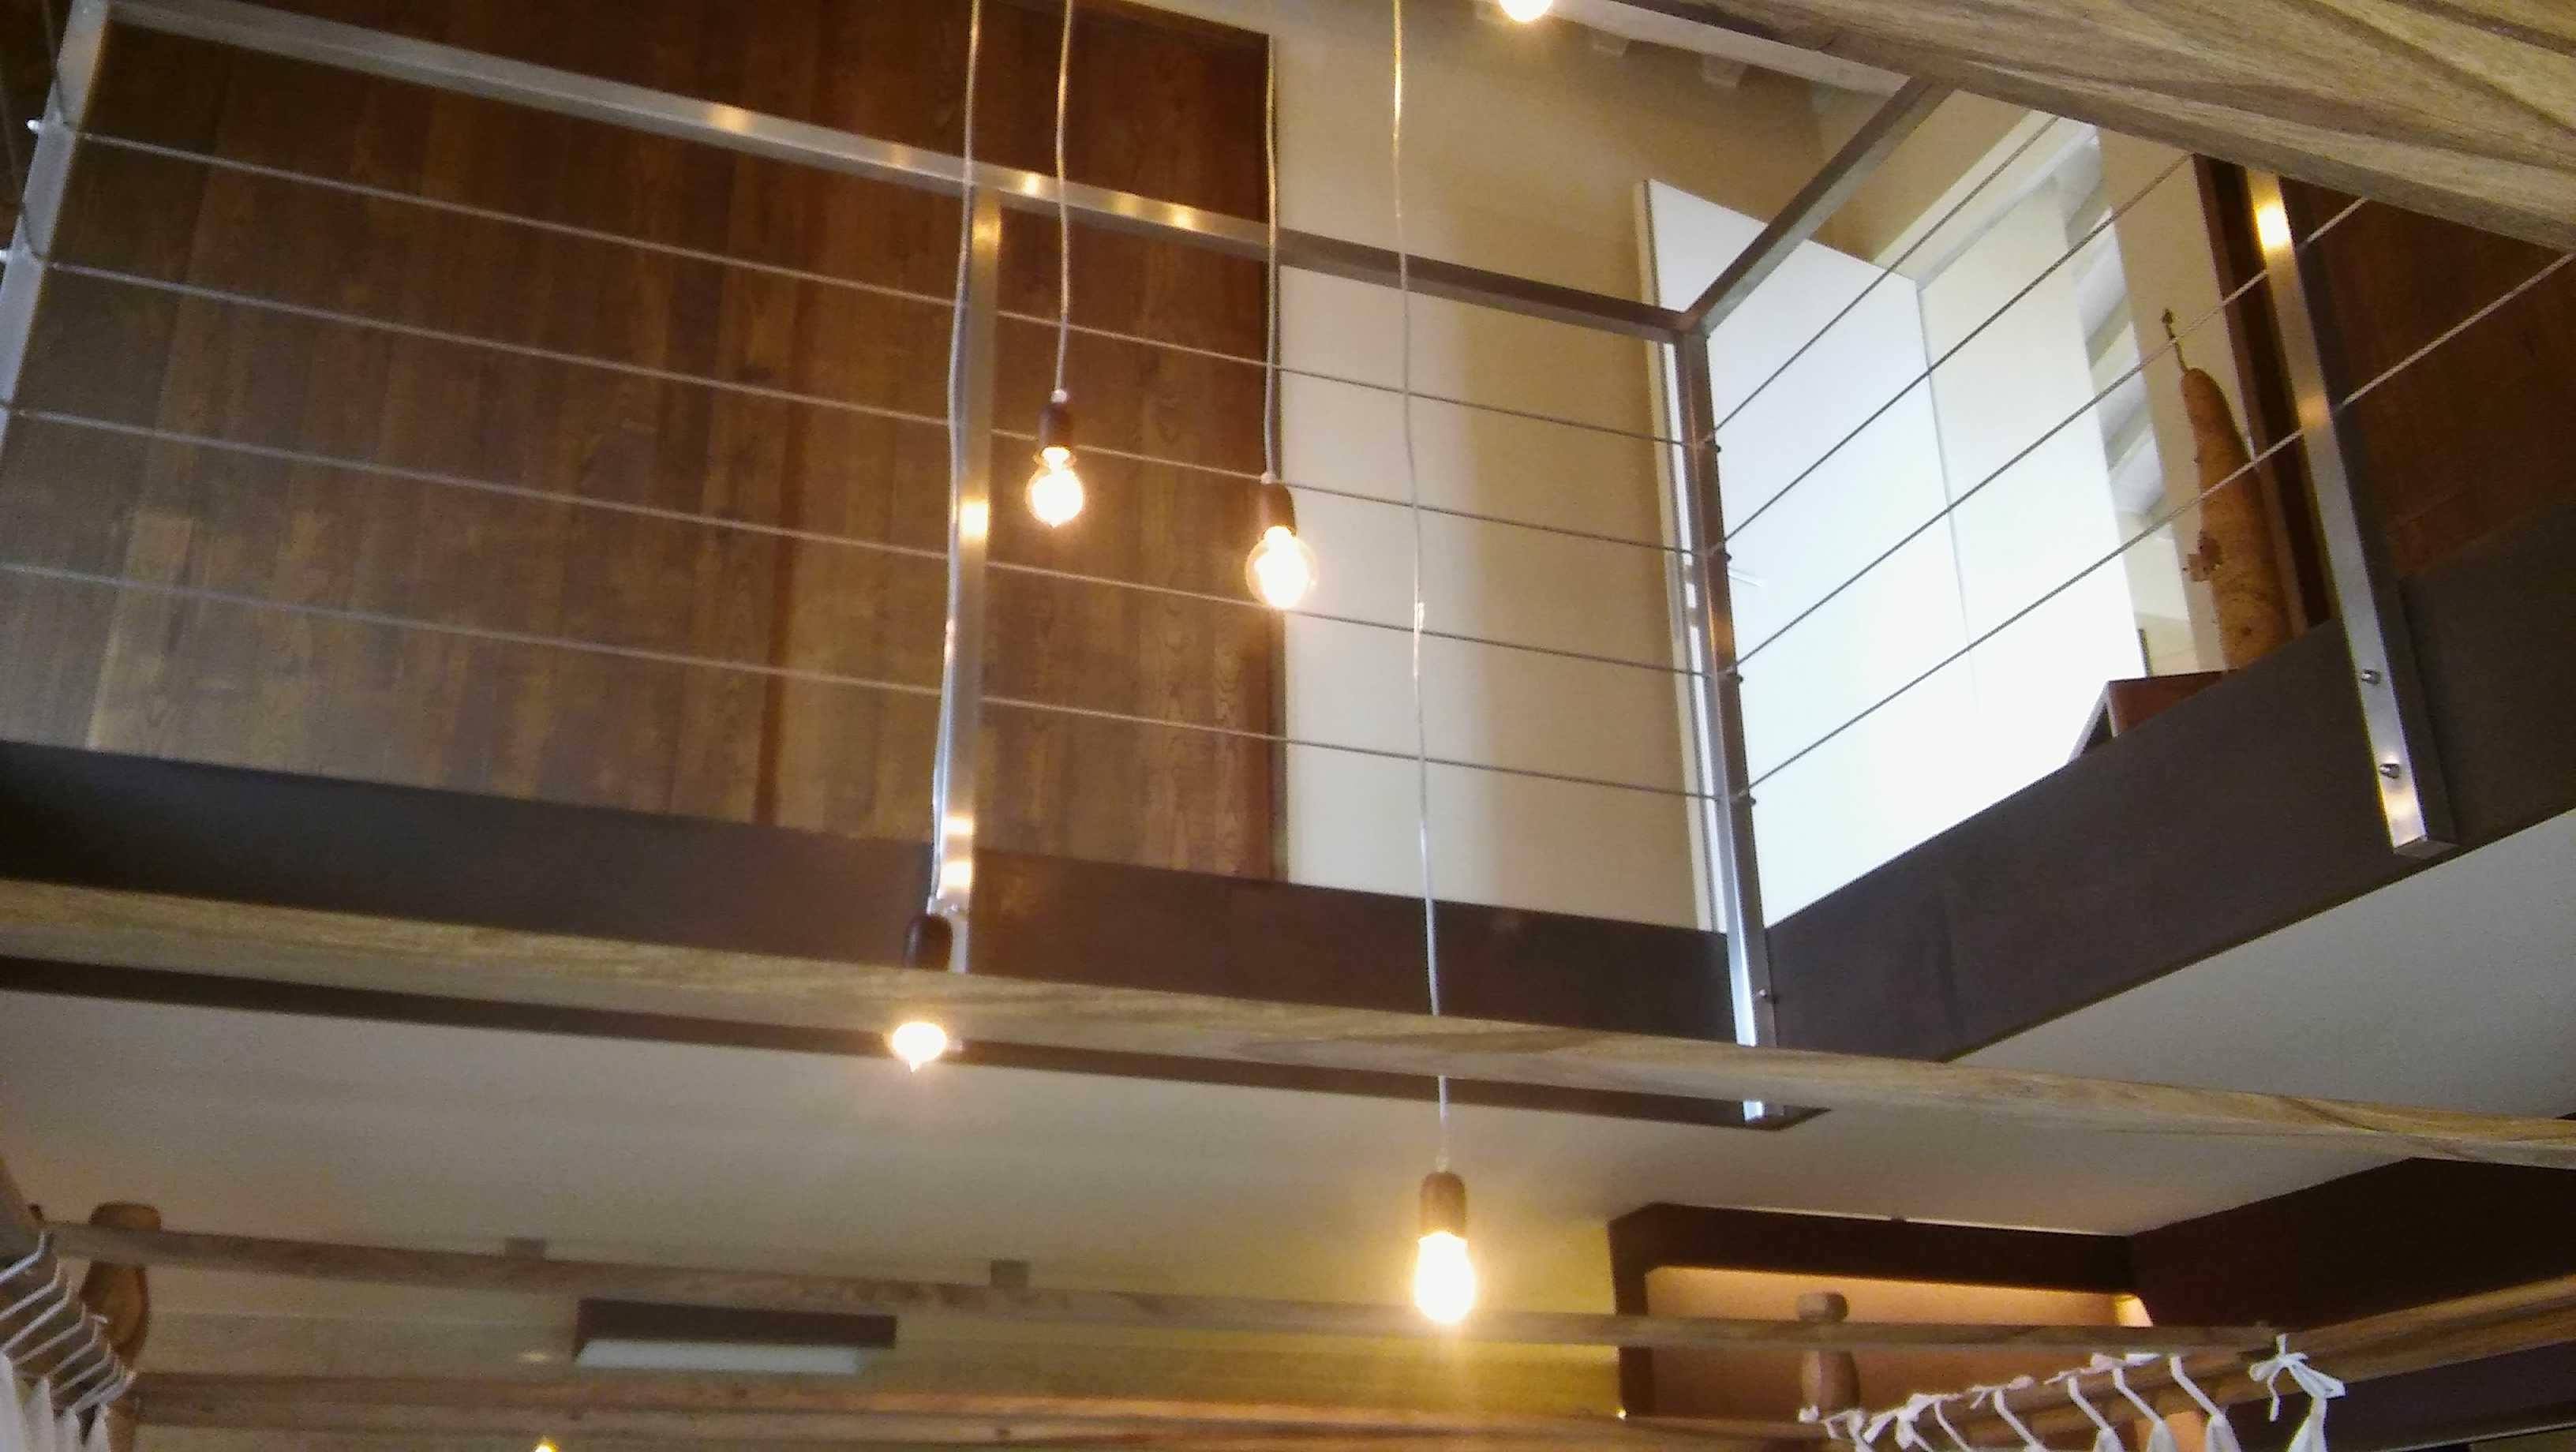 Cancelli e ringhiere - Ringhiere in ferro per interni ...